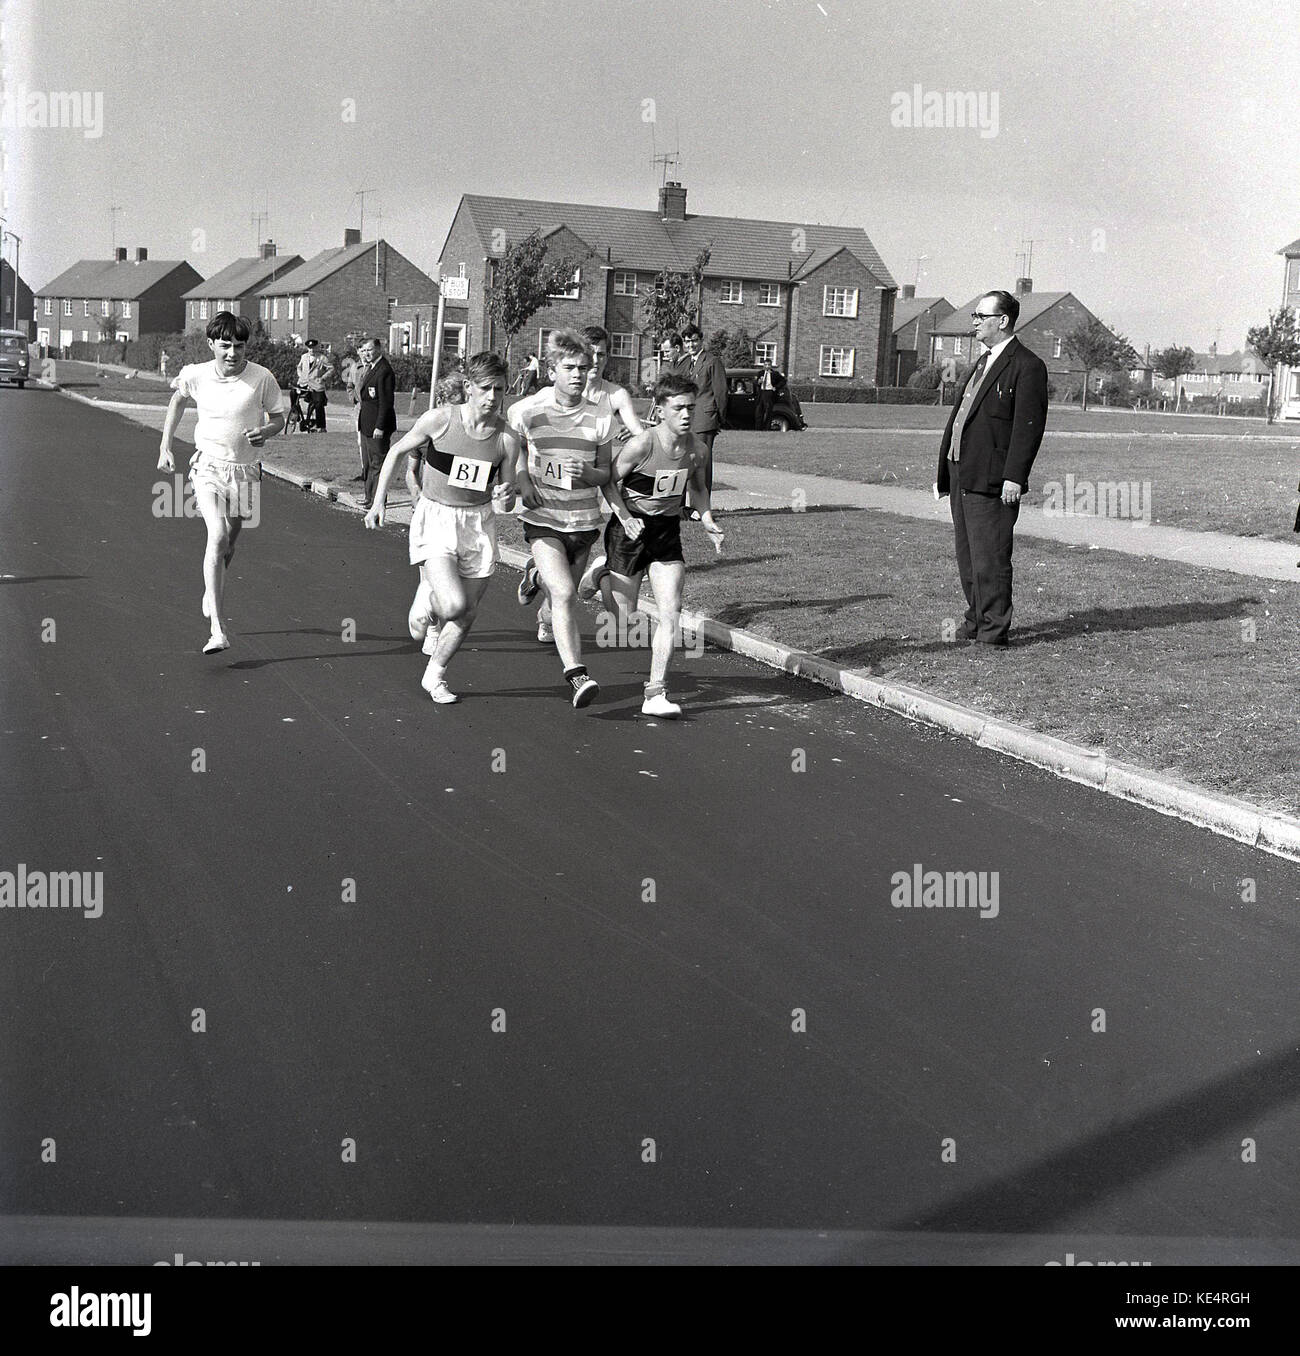 1964, historische, Gruppe von Jungs im Teenageralter tragen Hemden und T-Shirts und einfache pilmsolls auf ihren Stockbild